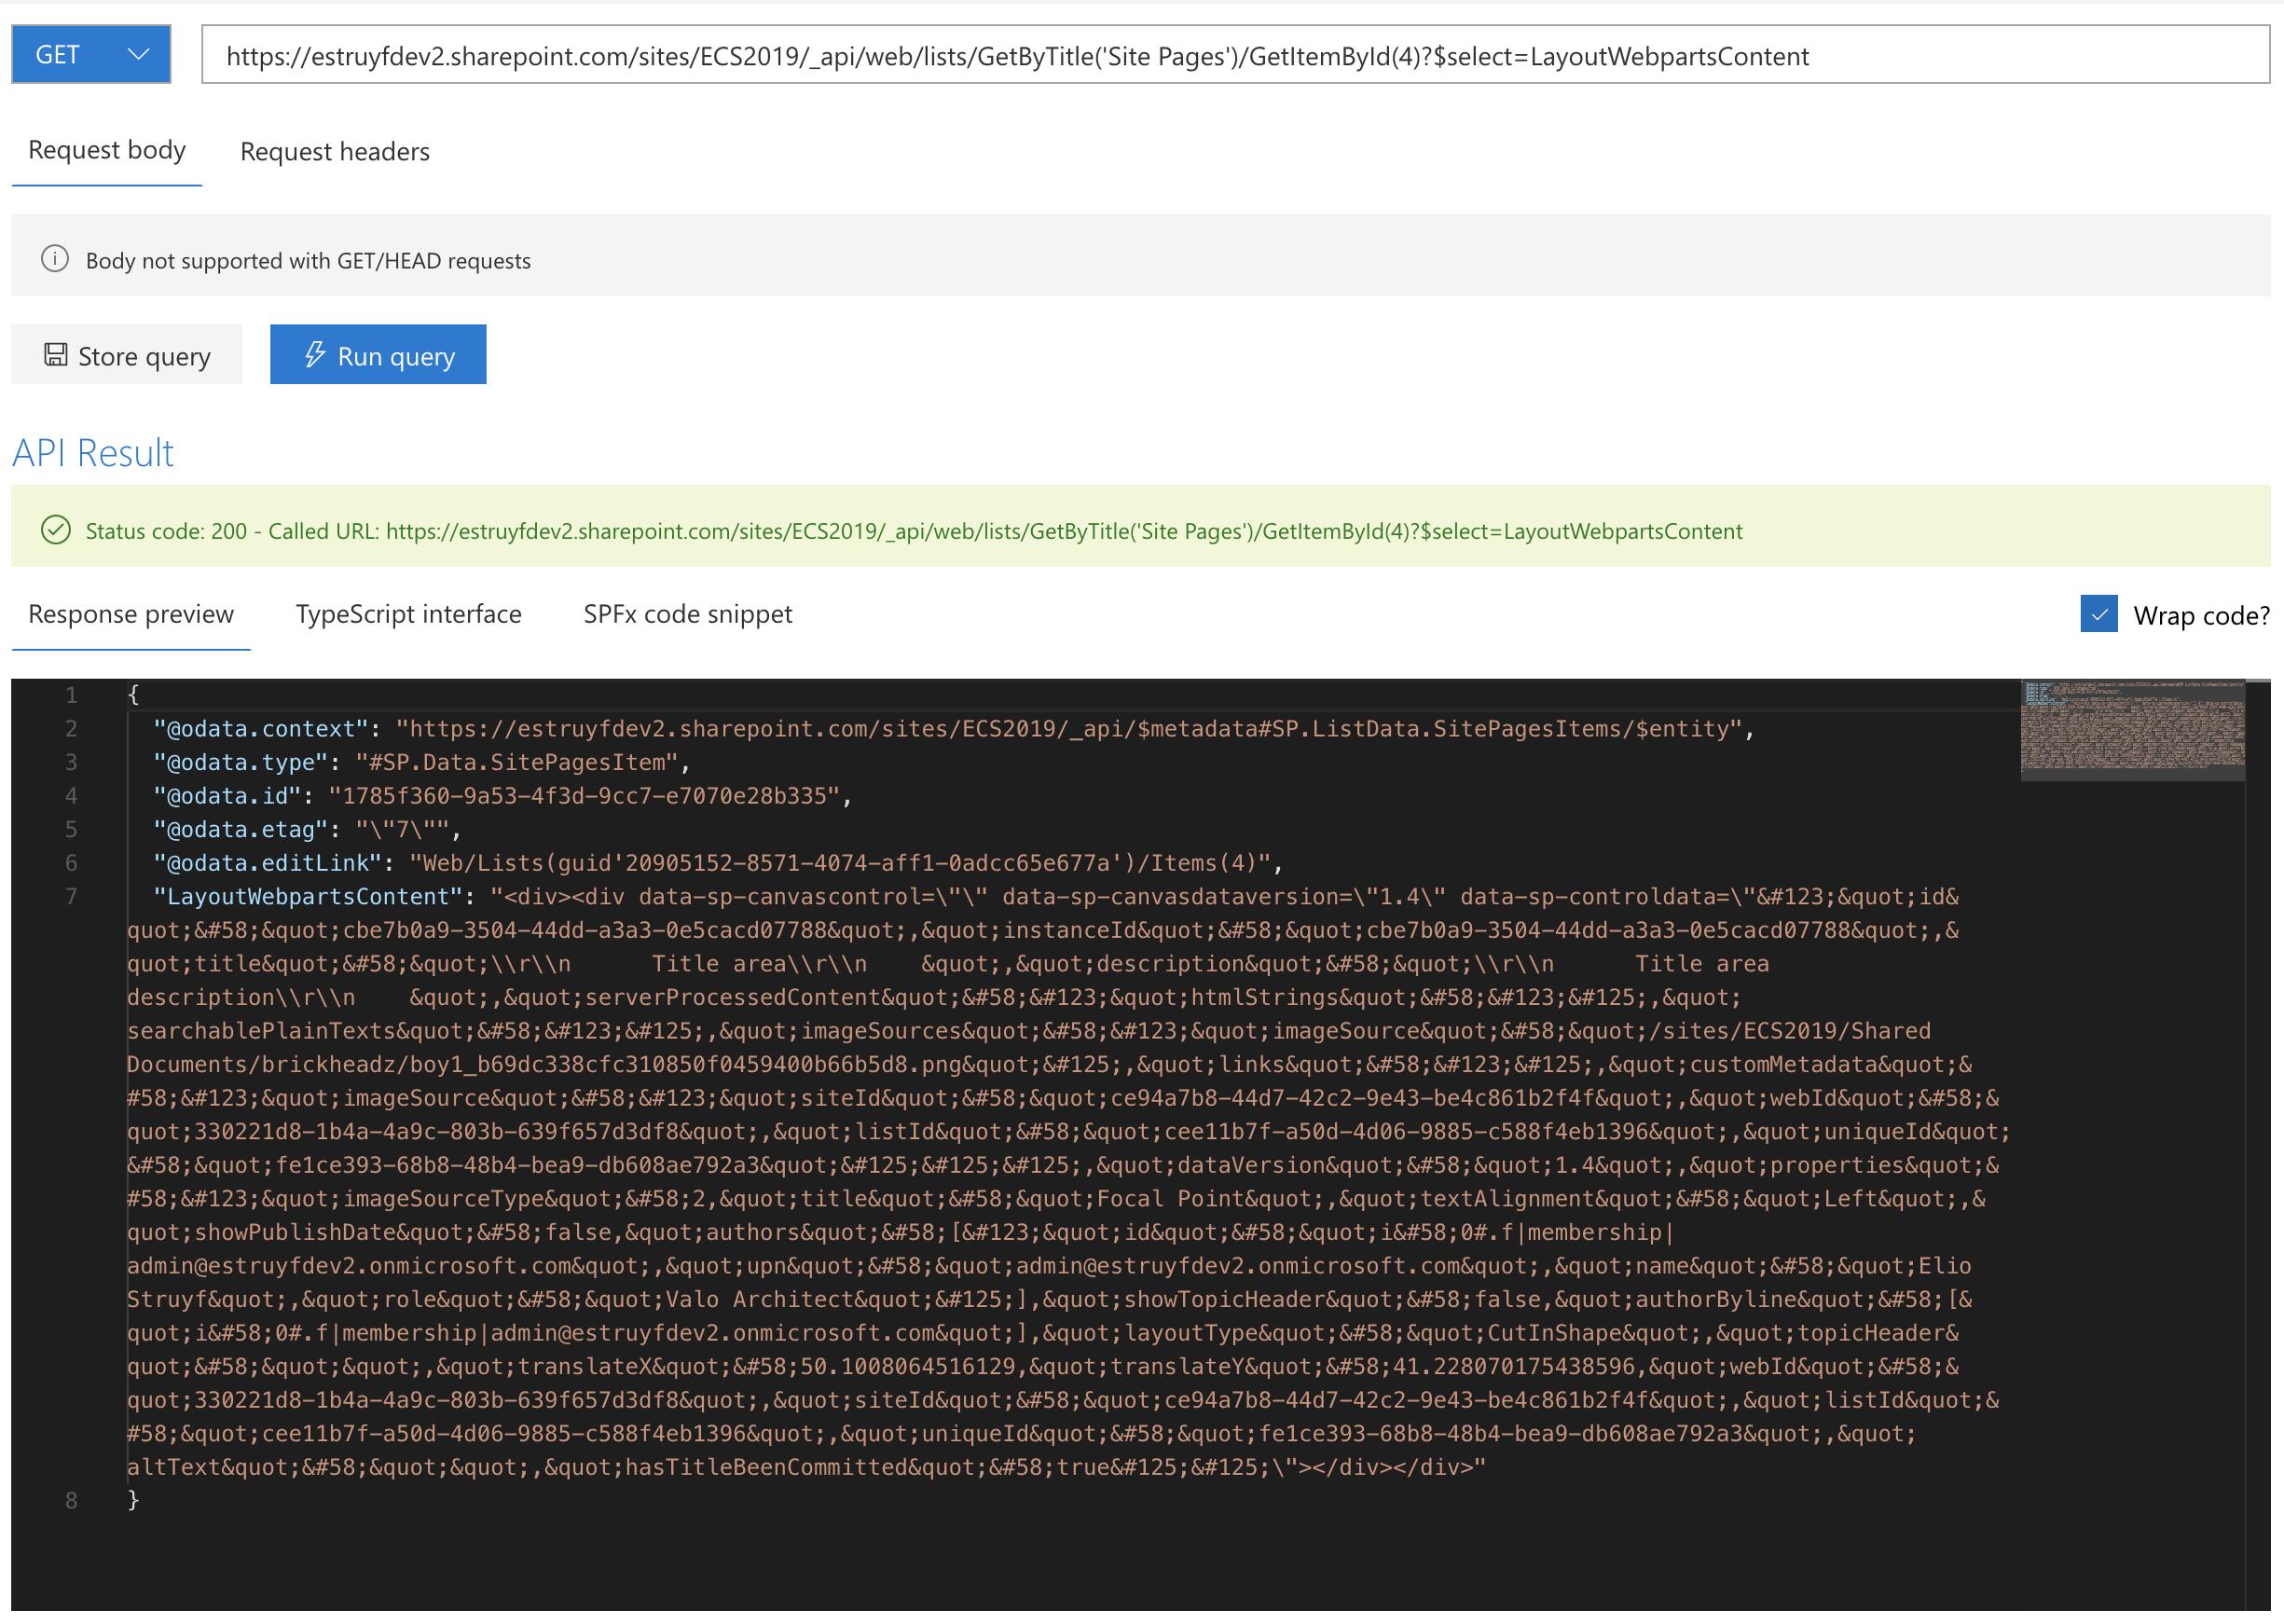 Verify the returned JSON data